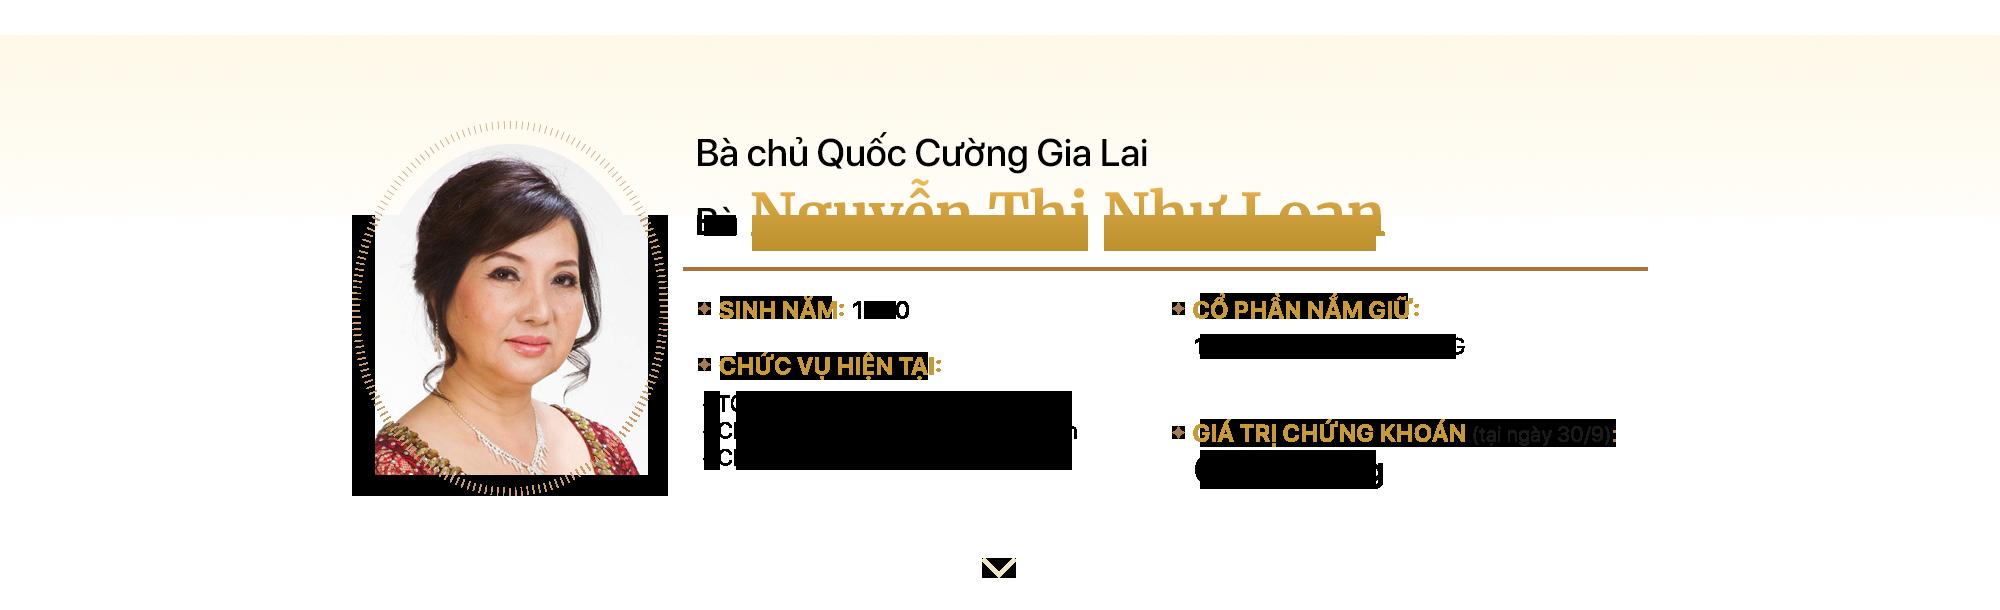 TOP10 NỮ DOANH NHÂN SỞ HỮU HÀNG TRIỆU USD CỔ PHIẾU TRÊN TTCK VIỆT NAM - Ảnh 11.